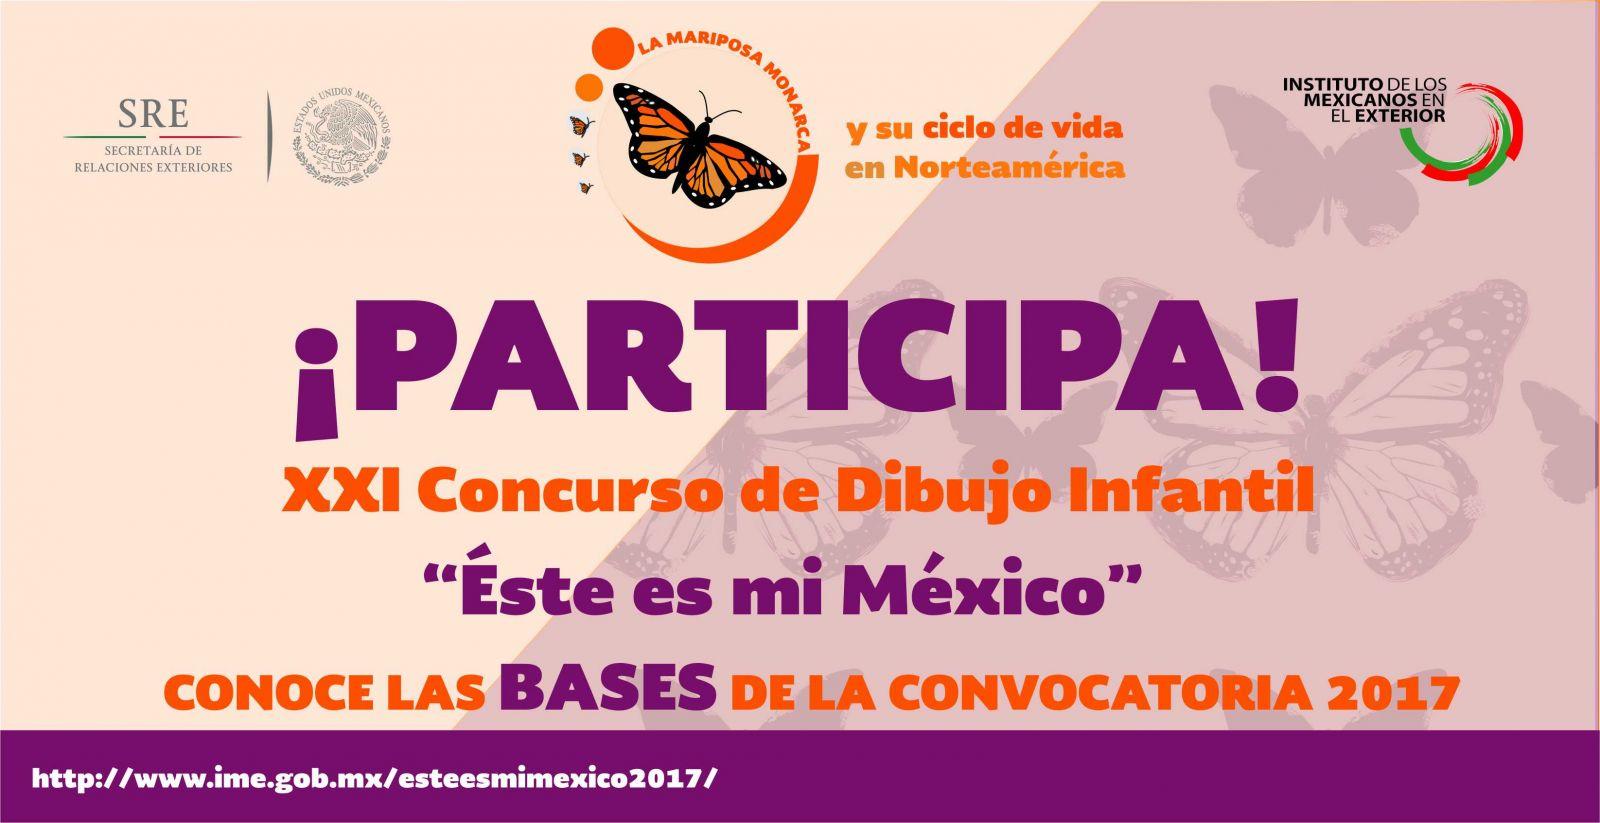 Convocatoria concurso de dibujo infantil 2017 instituto - Concurso de dibujo 2017 ...